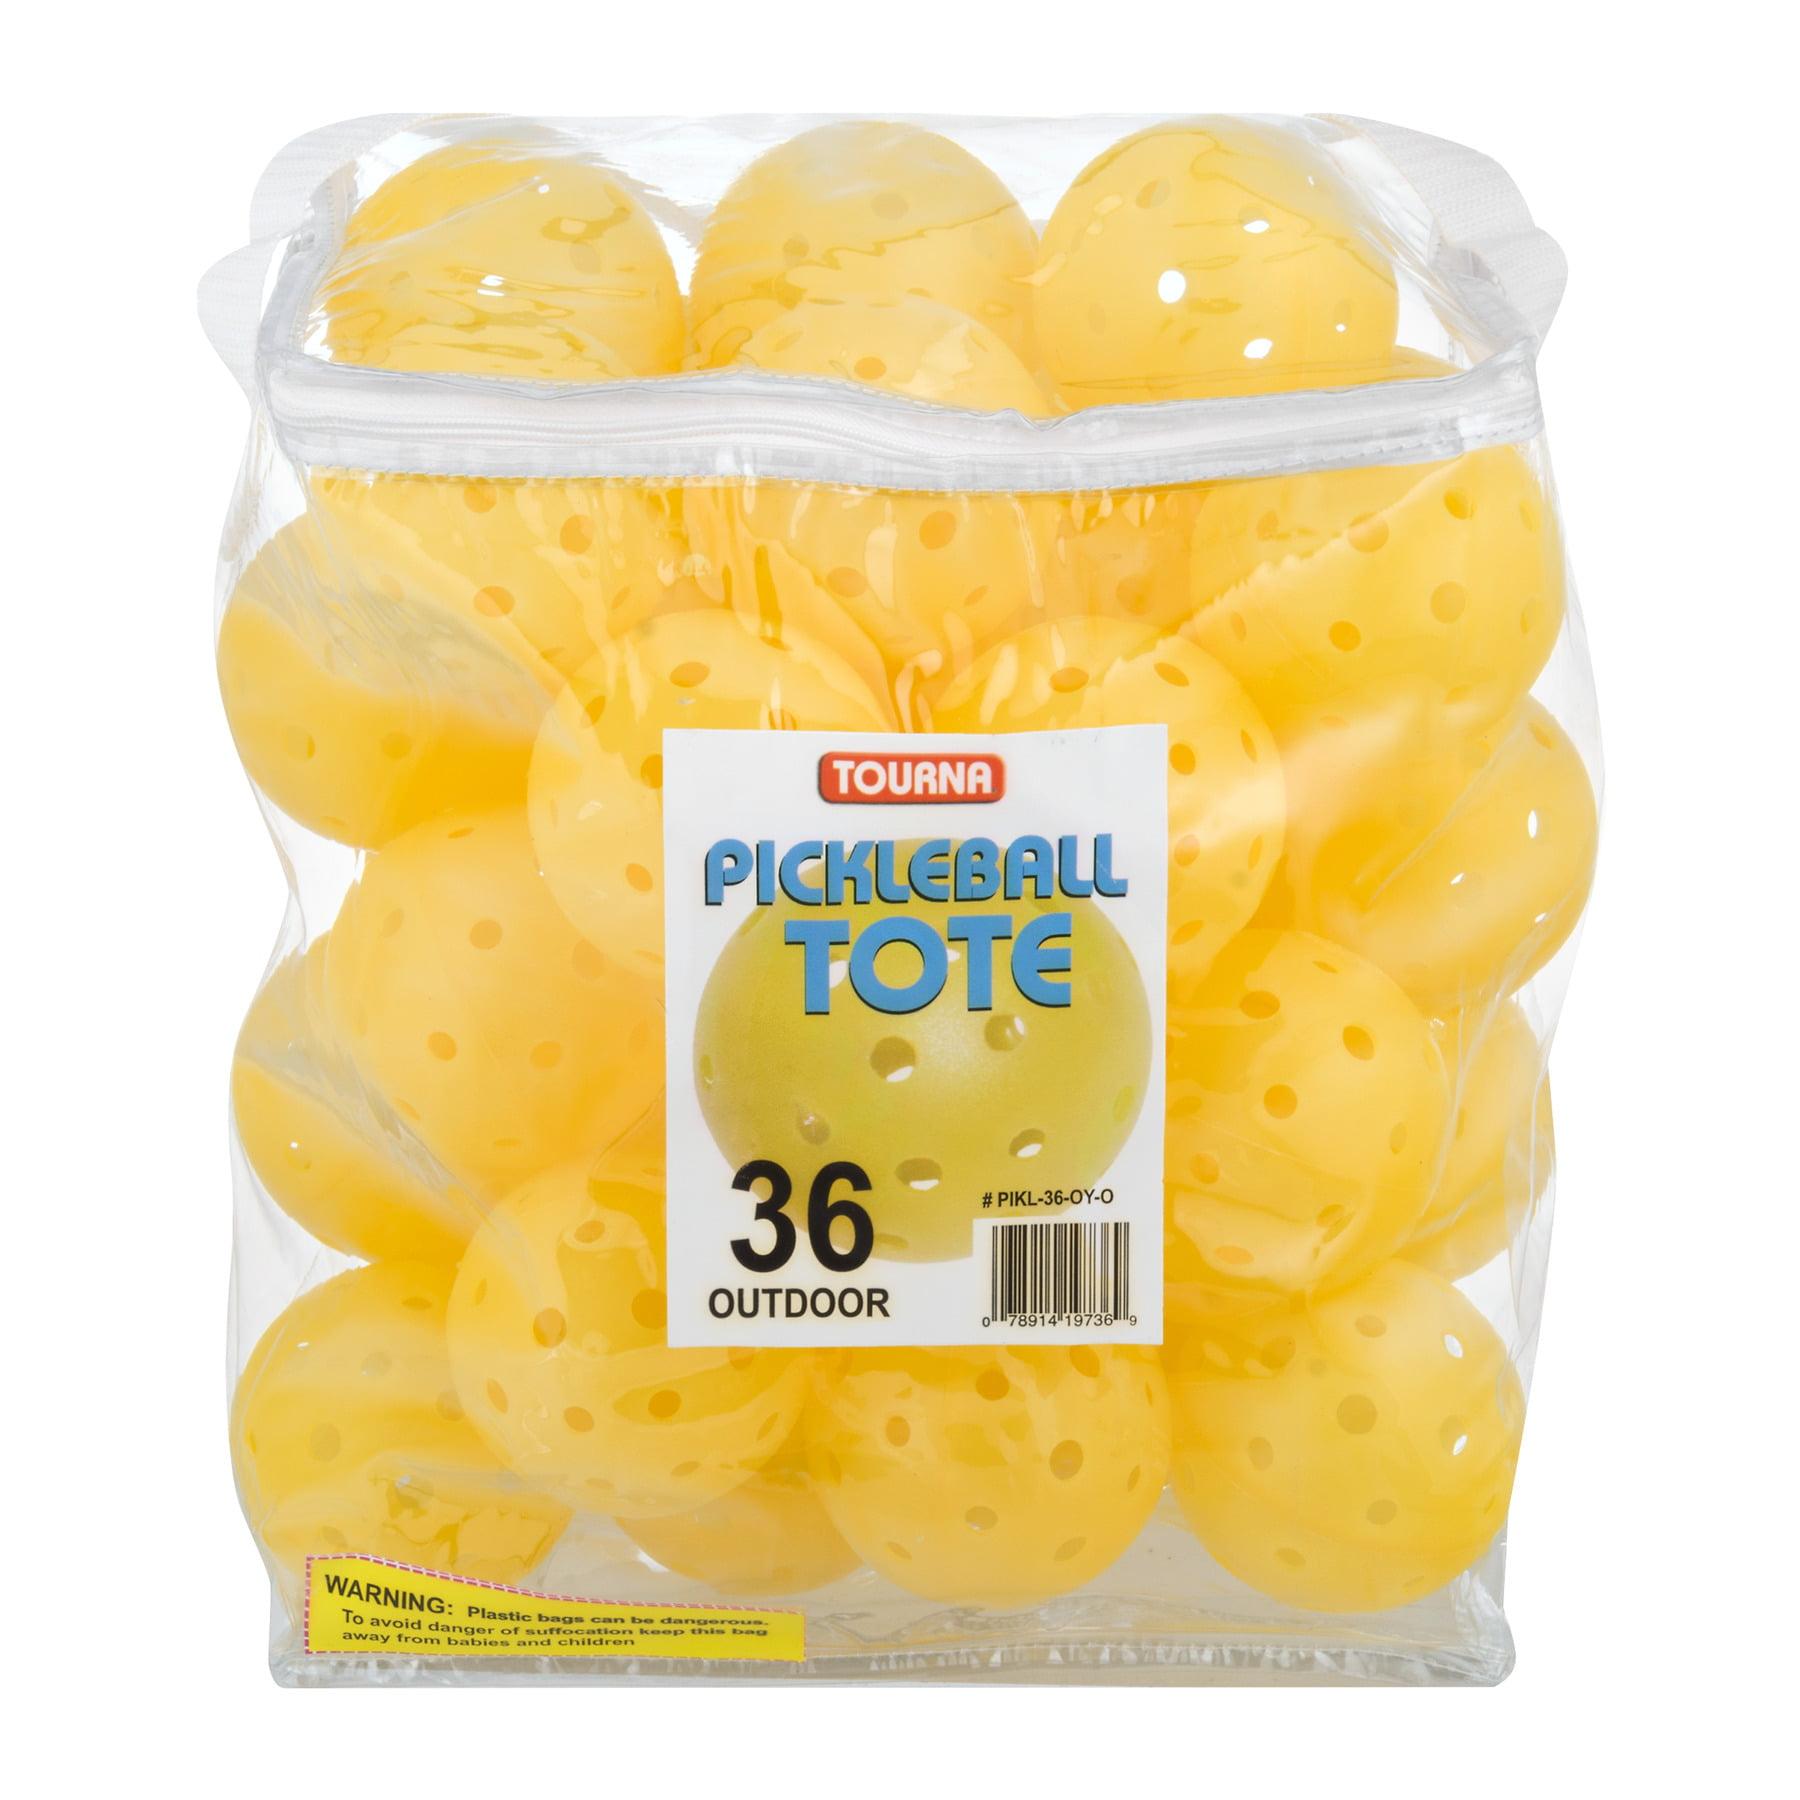 Tourna Pickleball Tote Yellow, 36.0 CT